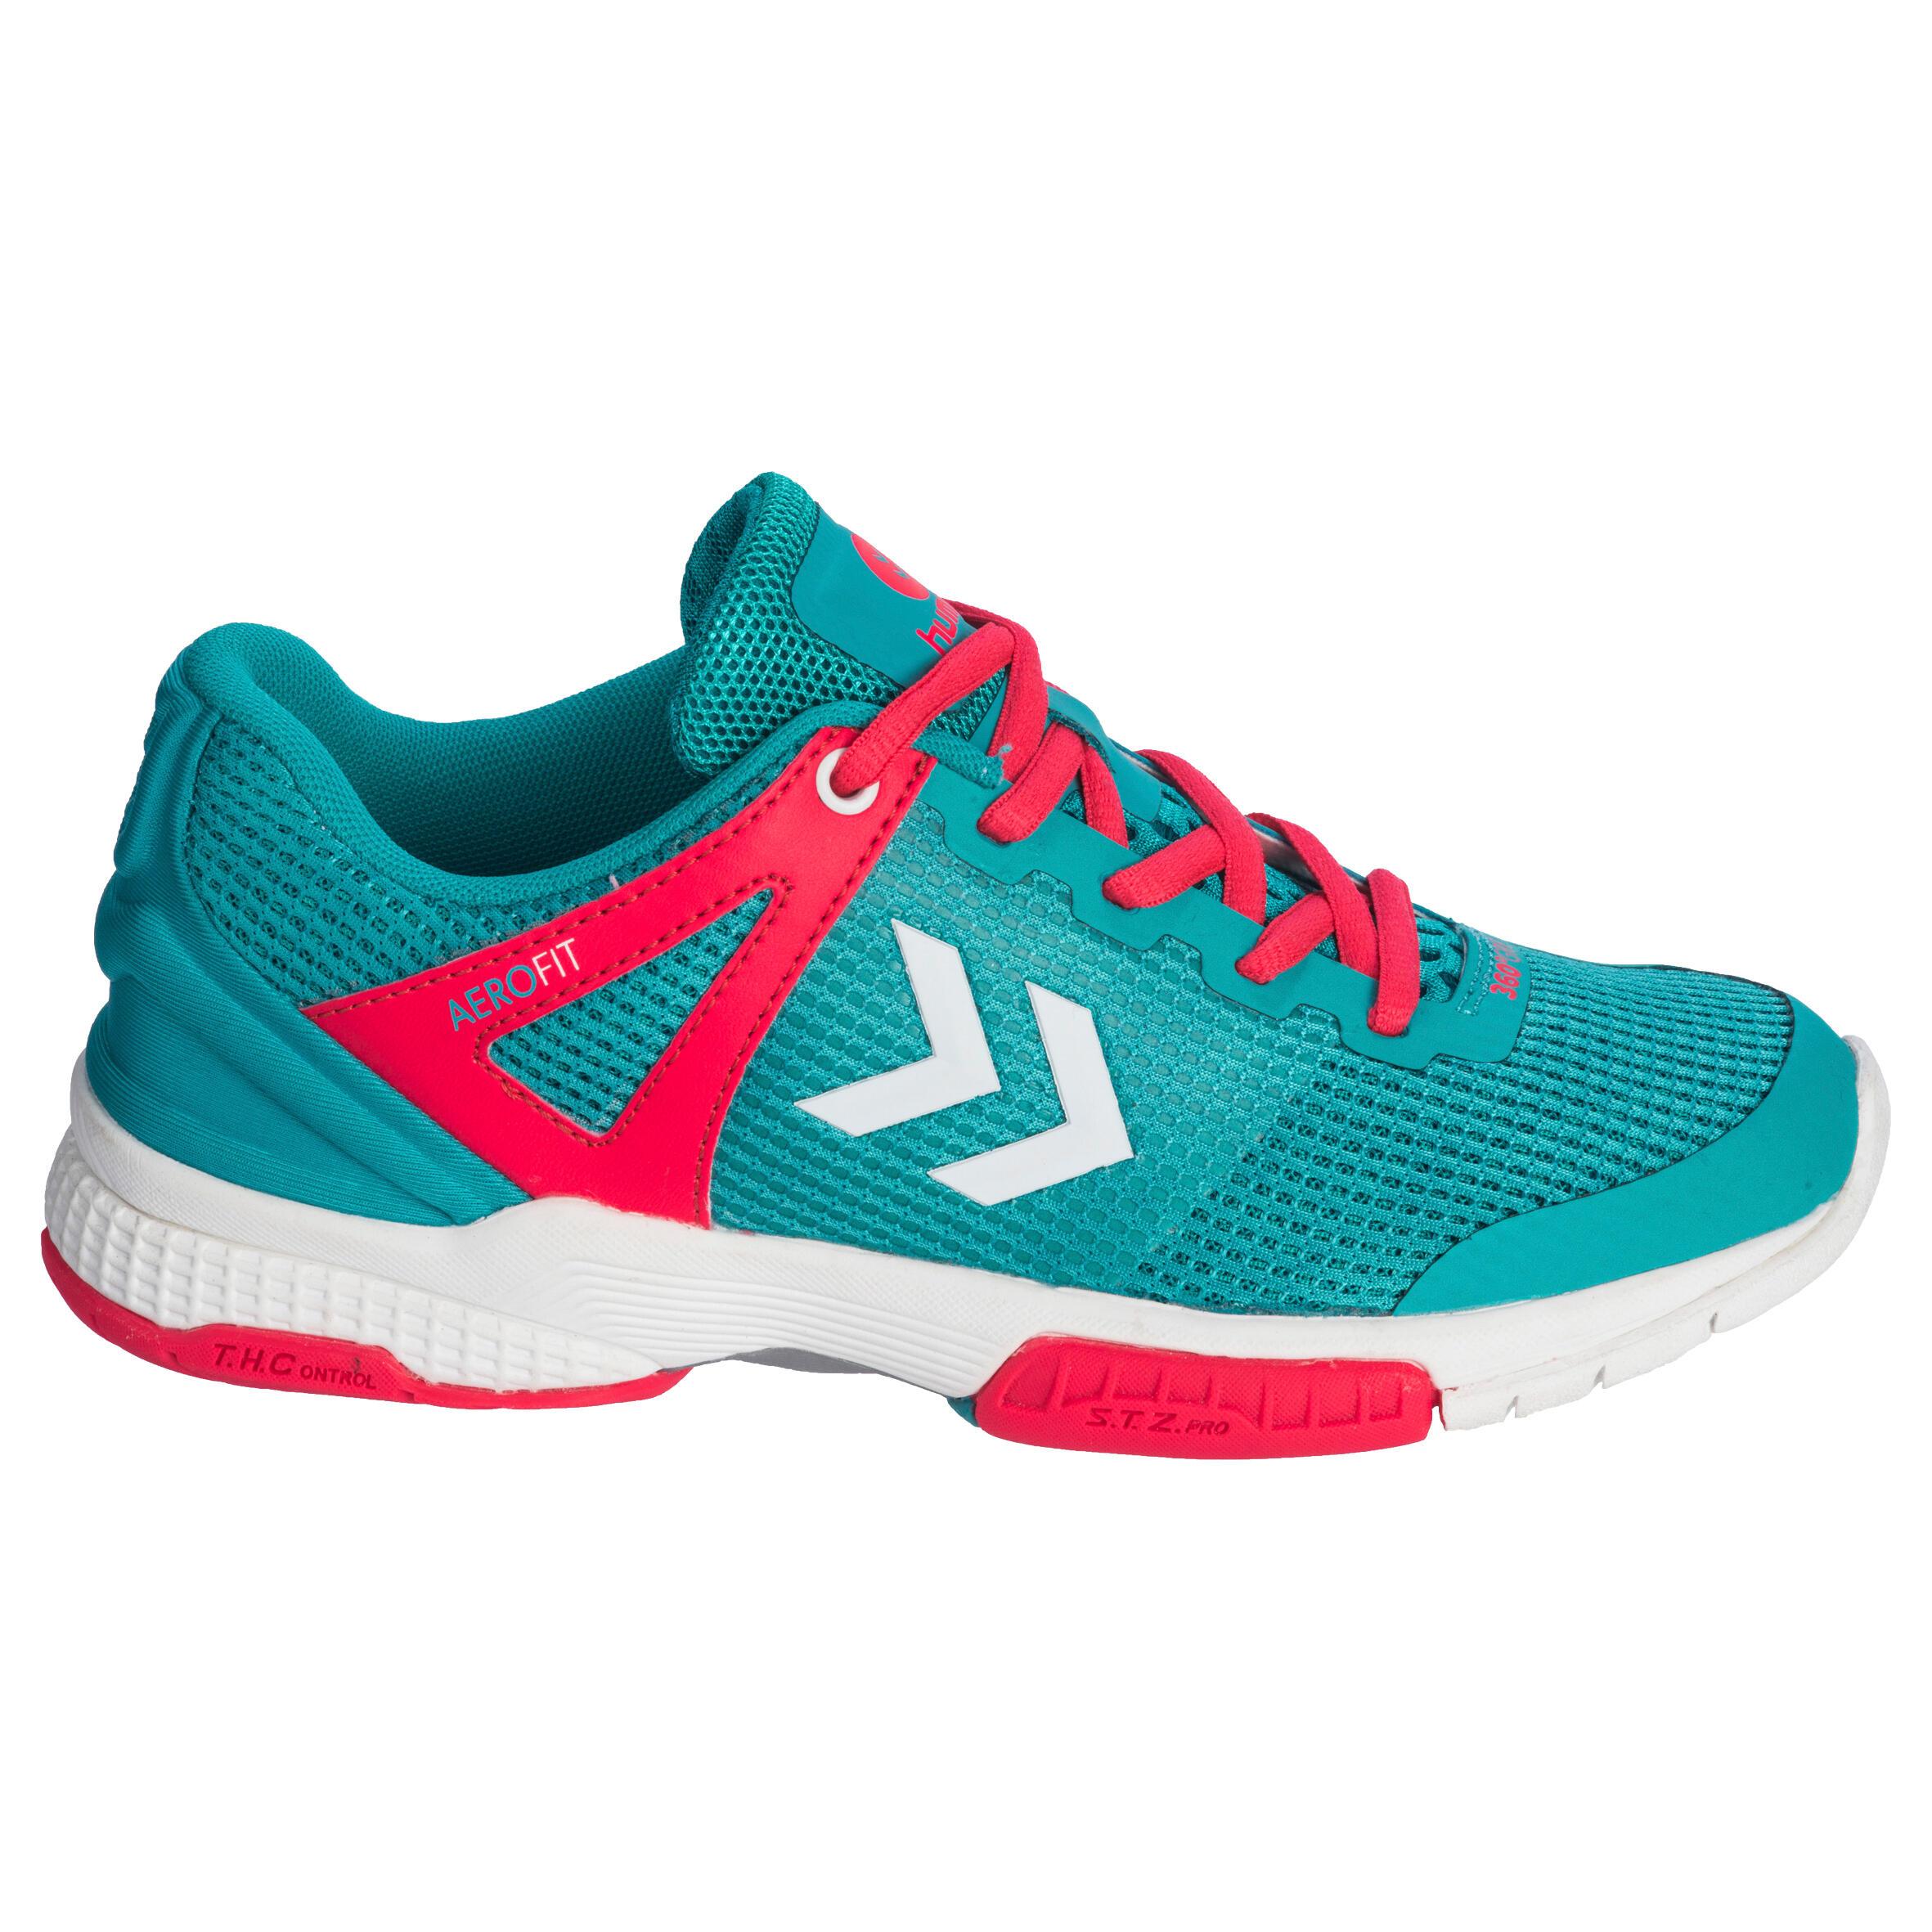 Handballschuhe HB 180 Damen menthol/rosa | Schuhe > Sportschuhe > Handballschuhe | Hummel